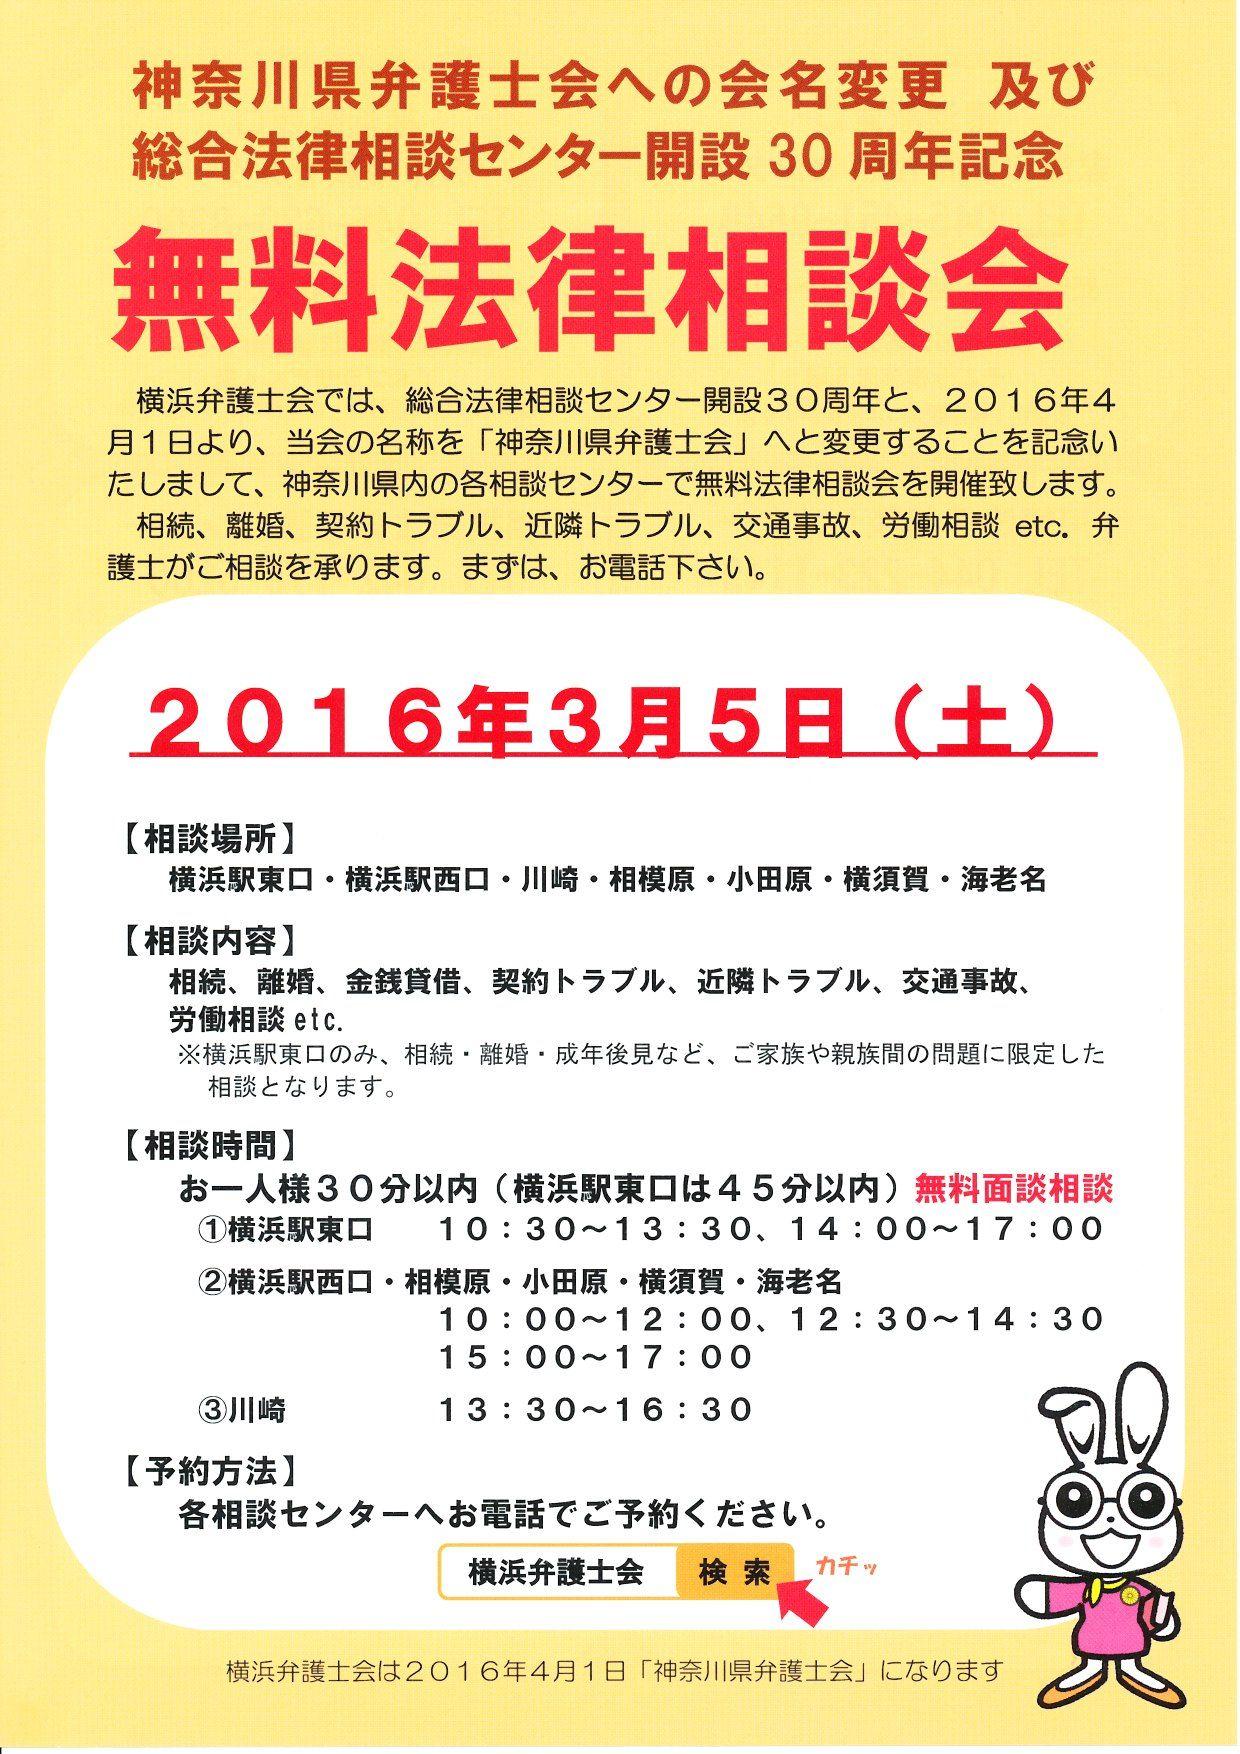 神奈川県弁護士会への会名変更及び総合法律相談センター開設30周年記念の無料法律相談会